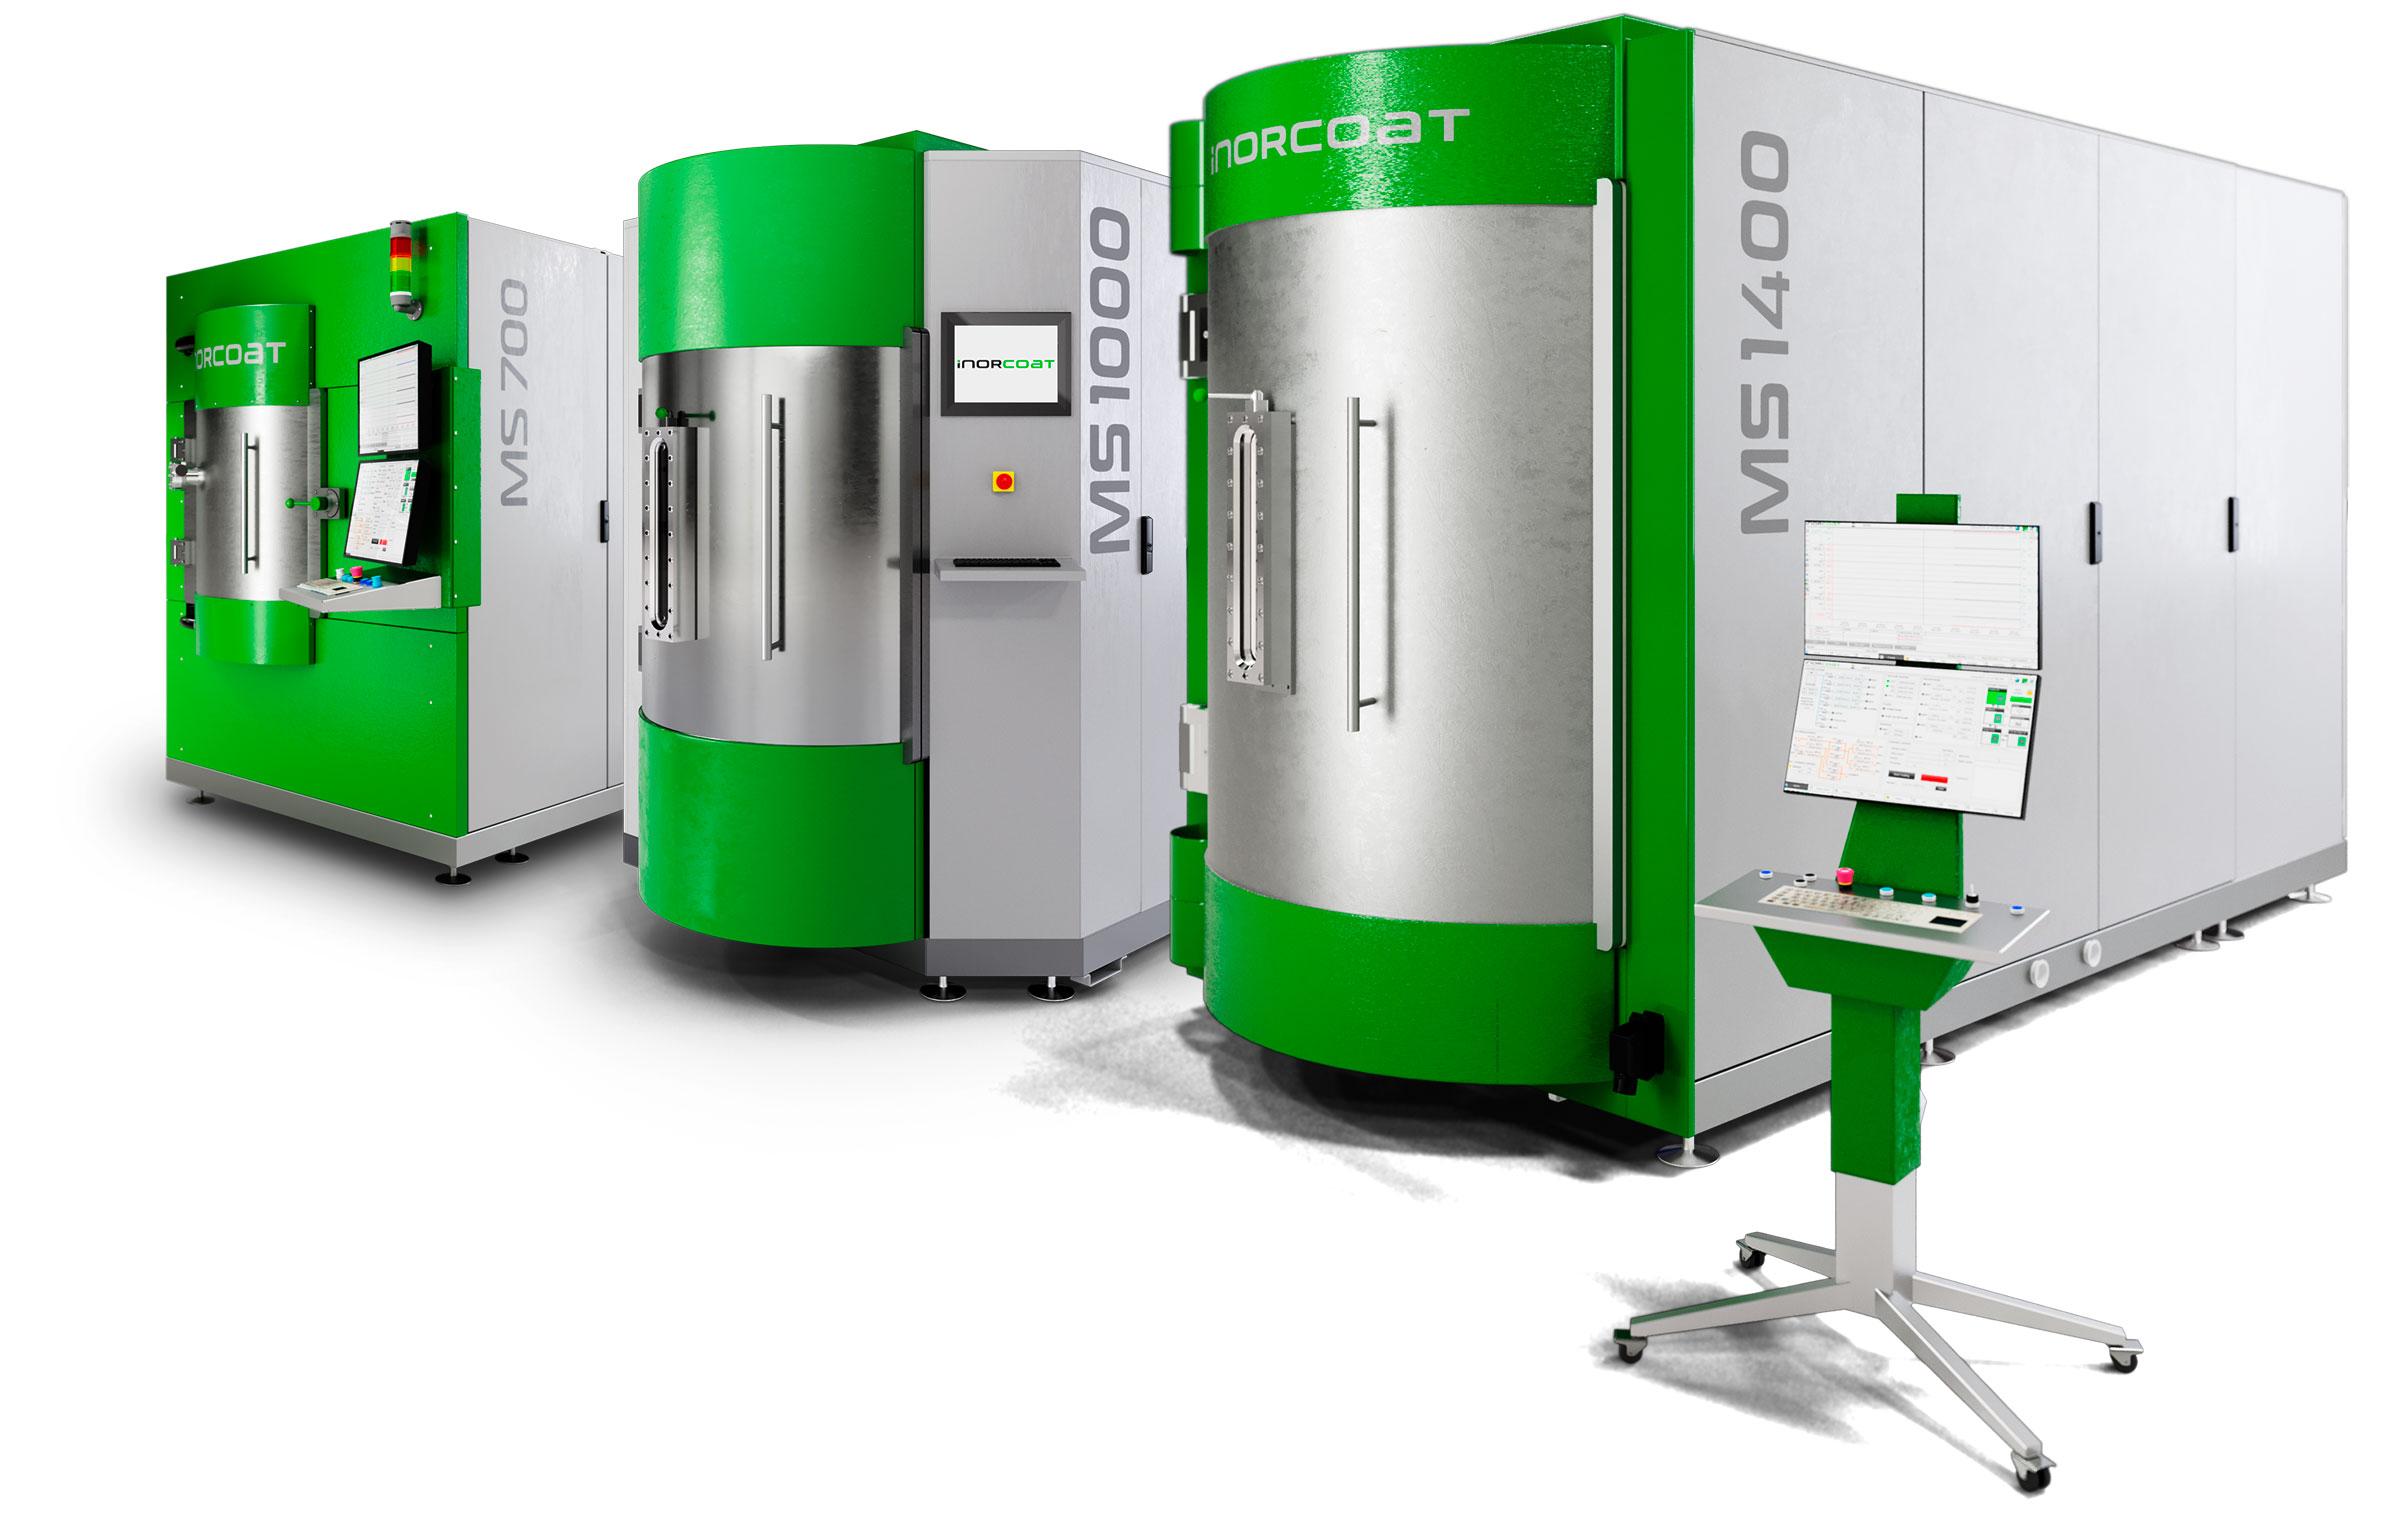 Standard Batch PVD Beschichtungssysteme von INORCOAT.